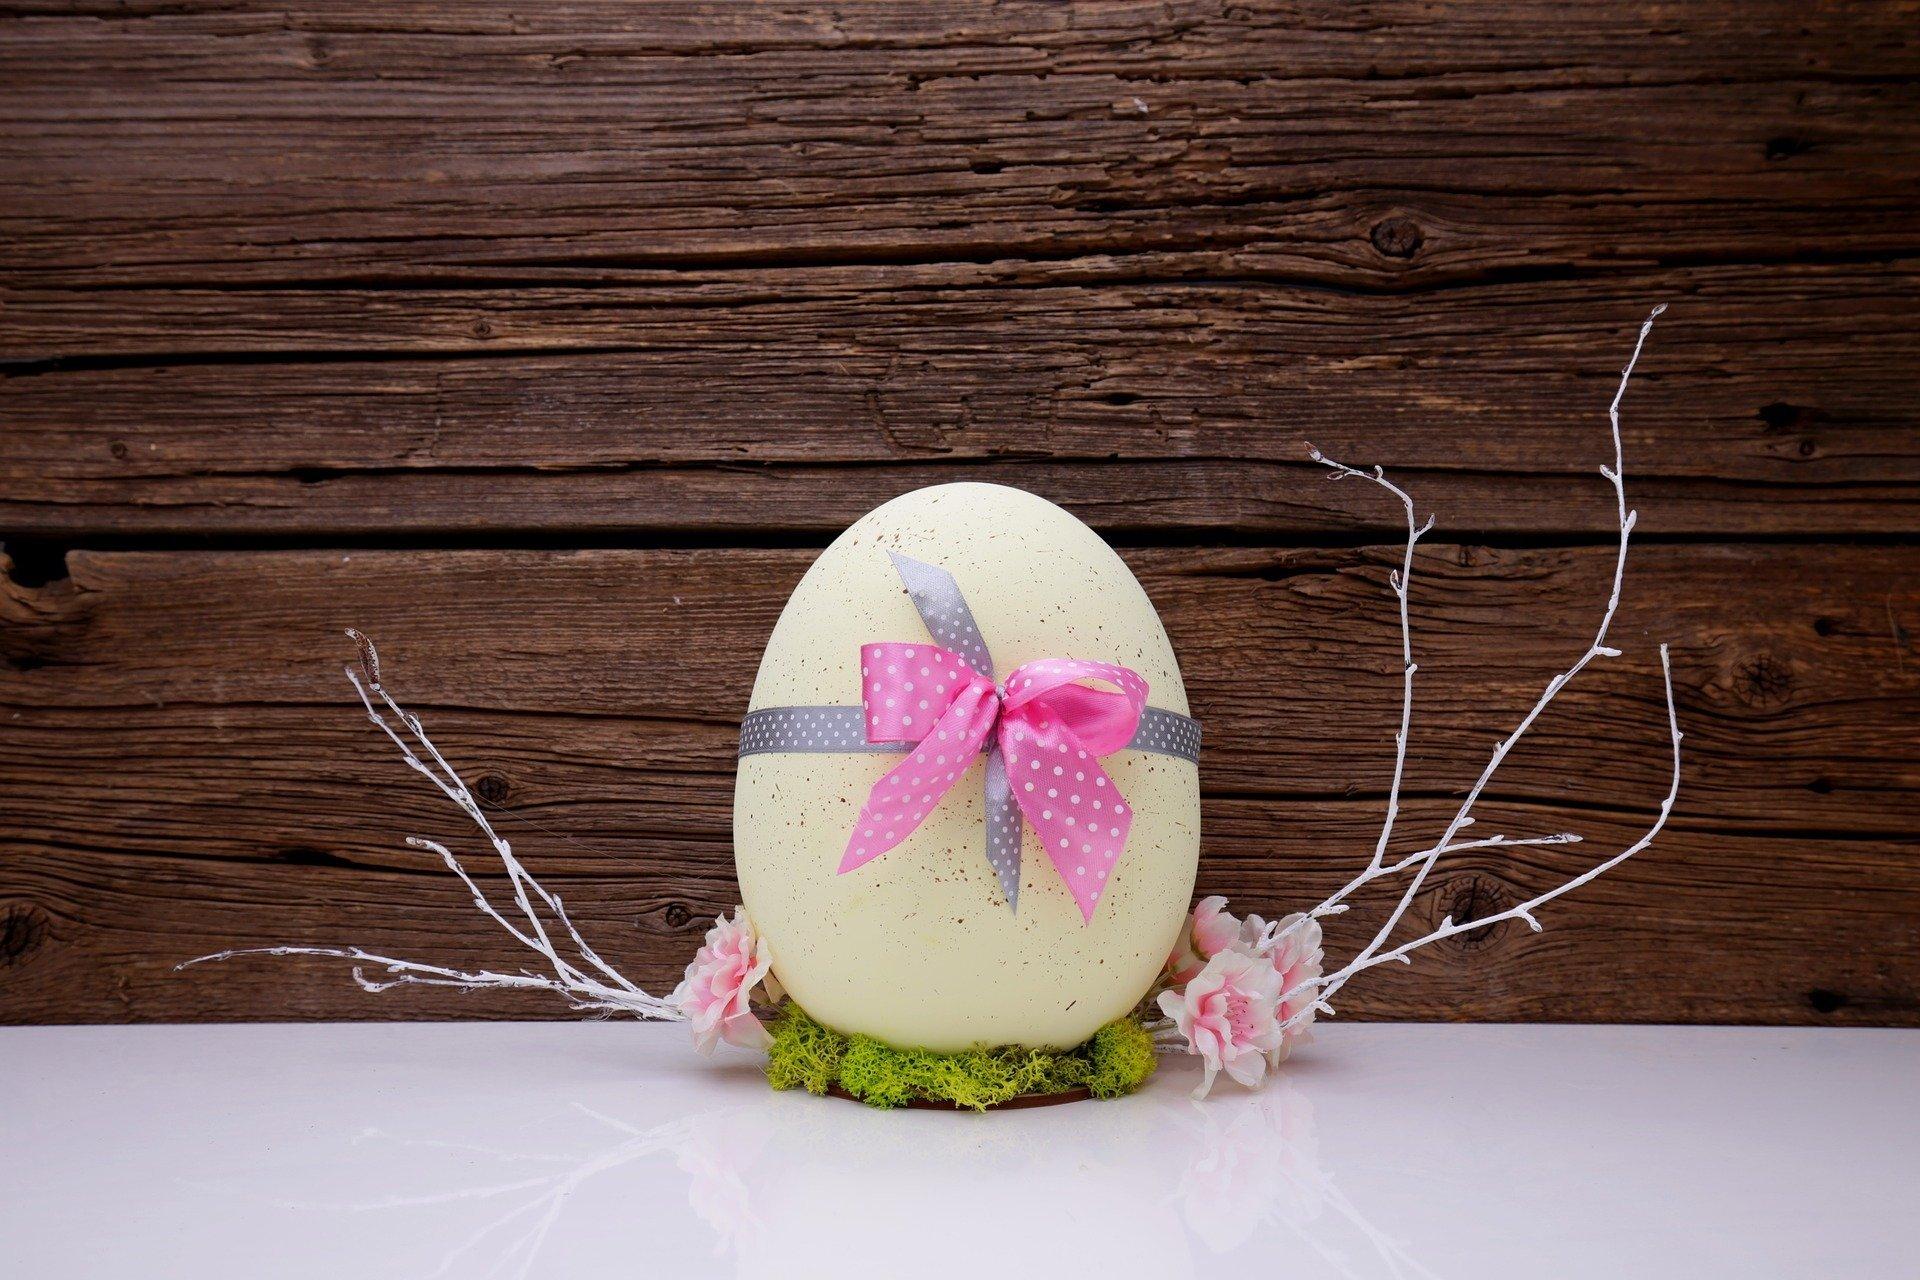 Wielkanocne życzenia dla dzieci, teksty życzeń piosenek wierszyków na Wielkanoc